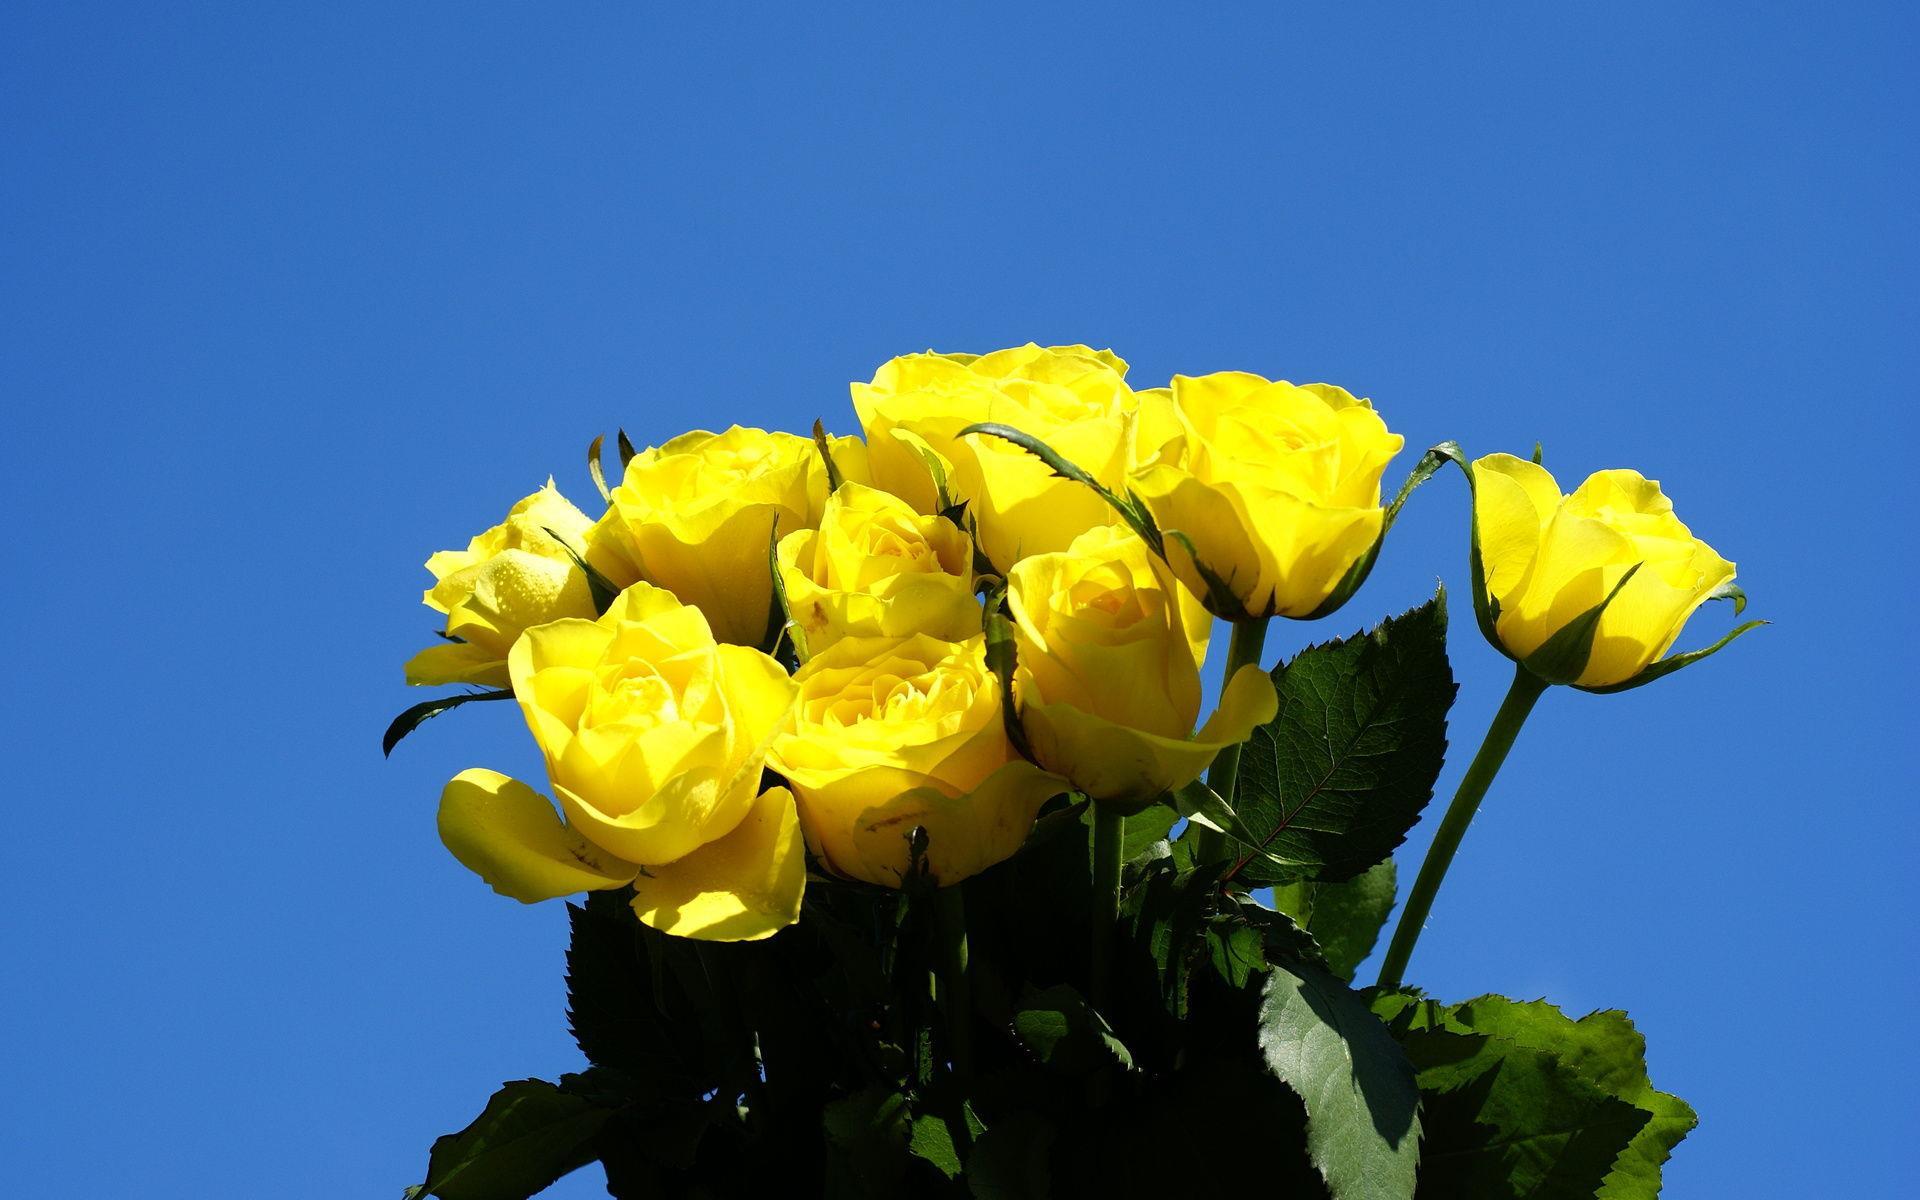 Цветы желтые и голубые